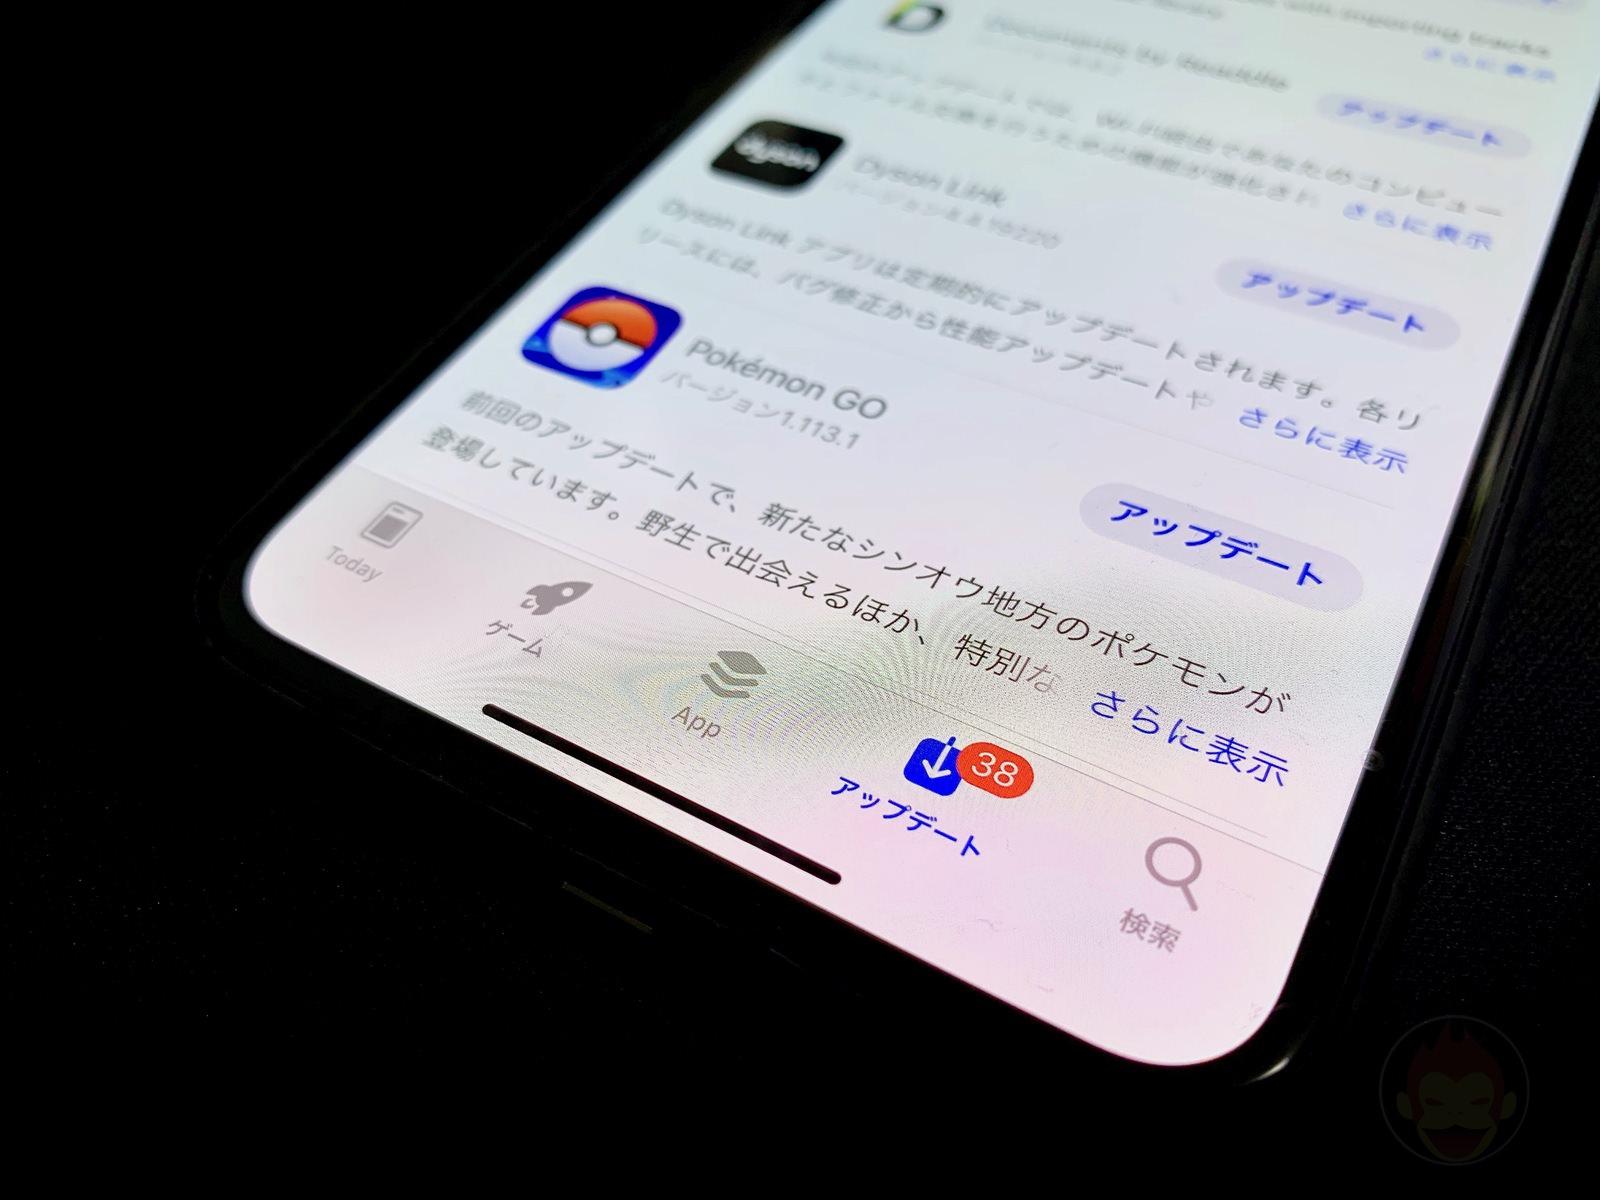 iPhone-App-Store-Update-Tab-01.jpg